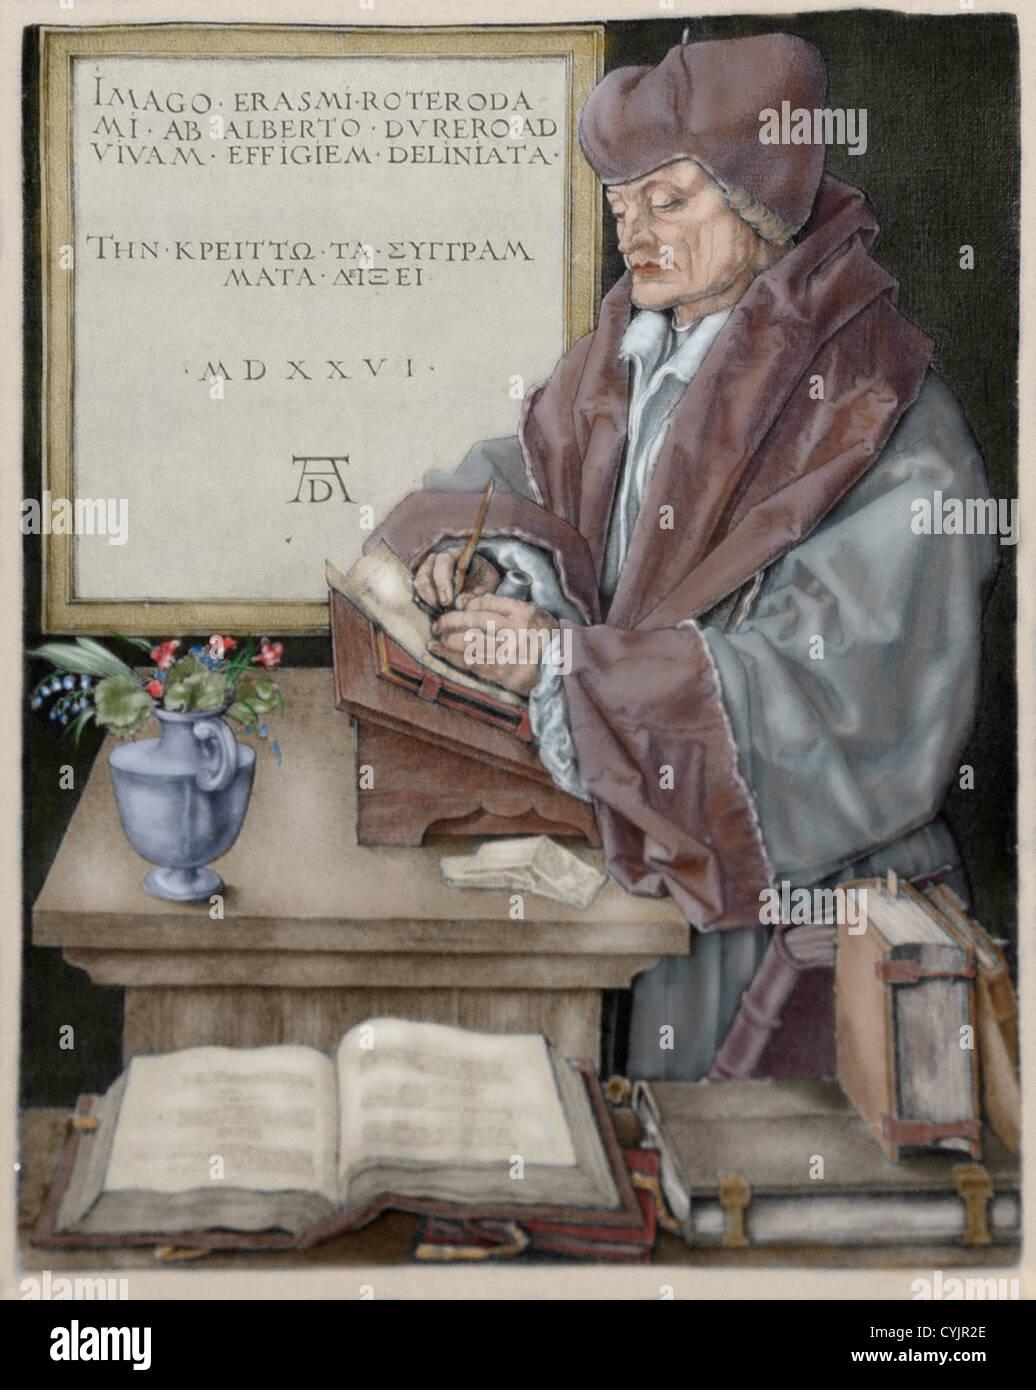 Erasmus von Rotterdam (1466-1536). Niederländischer Humanist. Stichel, die Kupferstich von Albrecht Dürer Stockbild